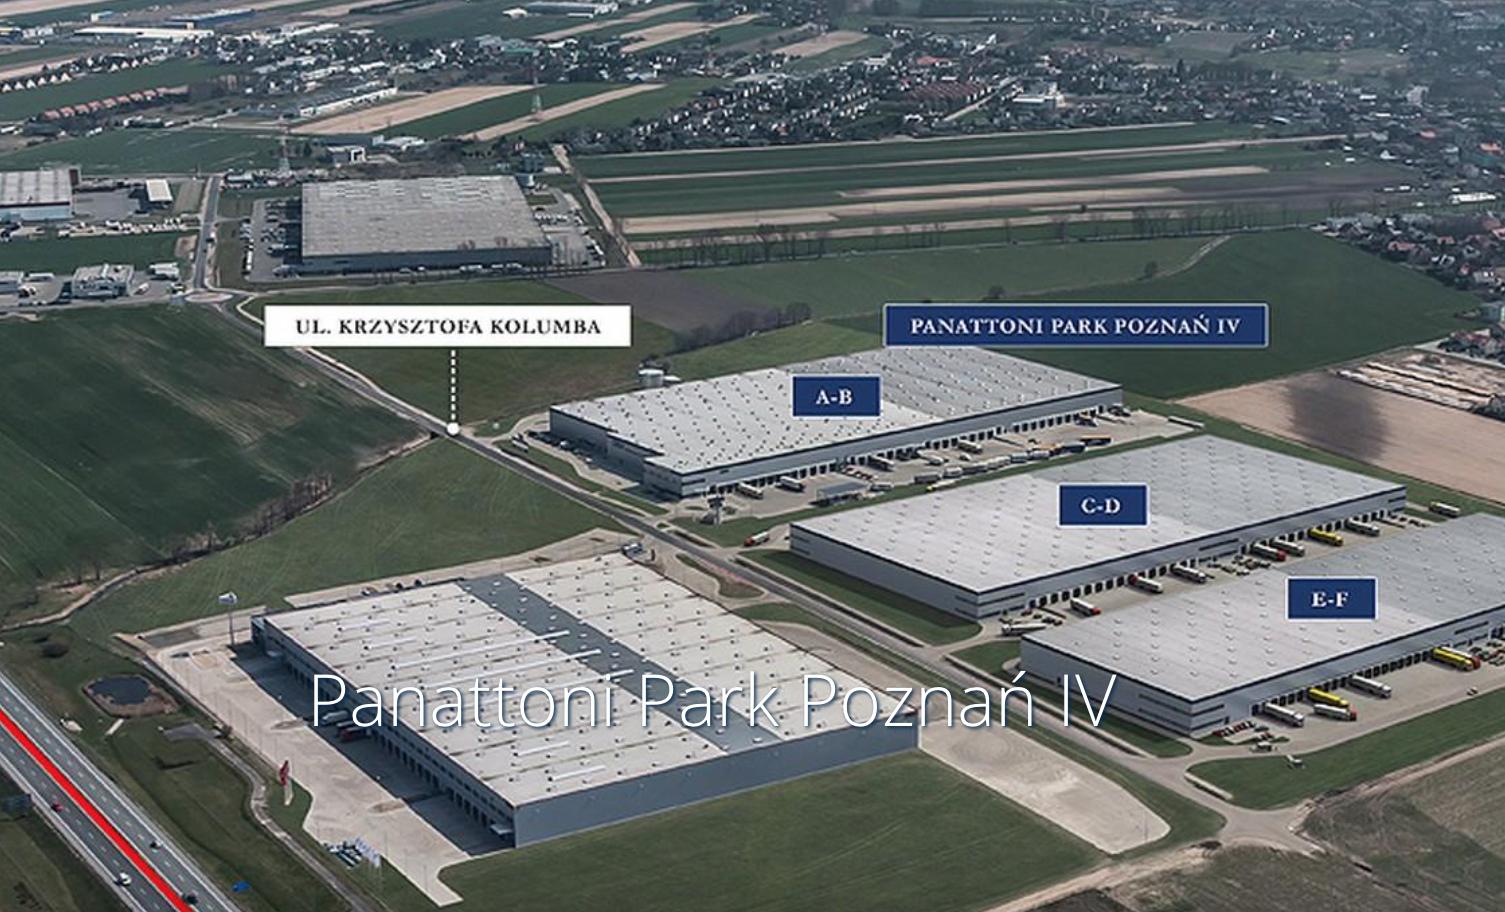 Panattoni Park Poznań IV